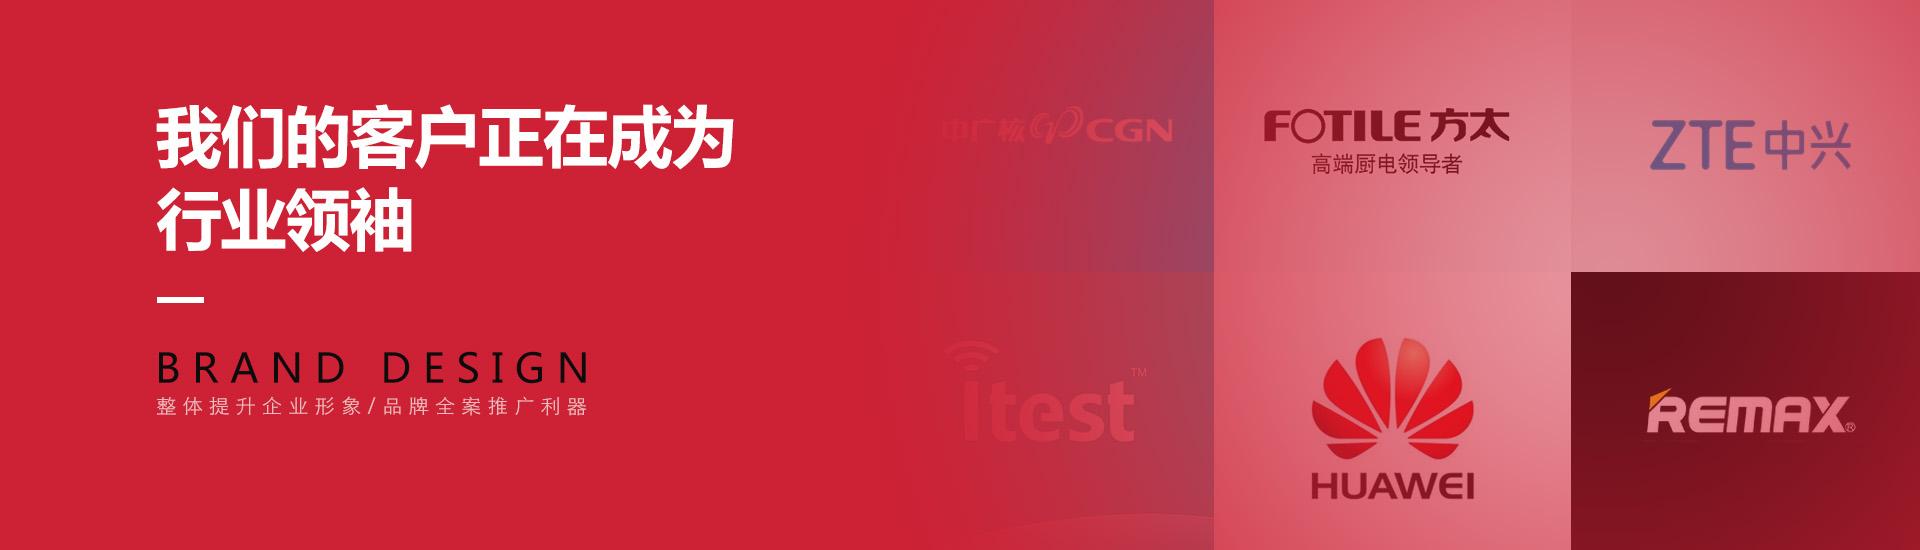 深圳美创画册设计客户服务品牌logo